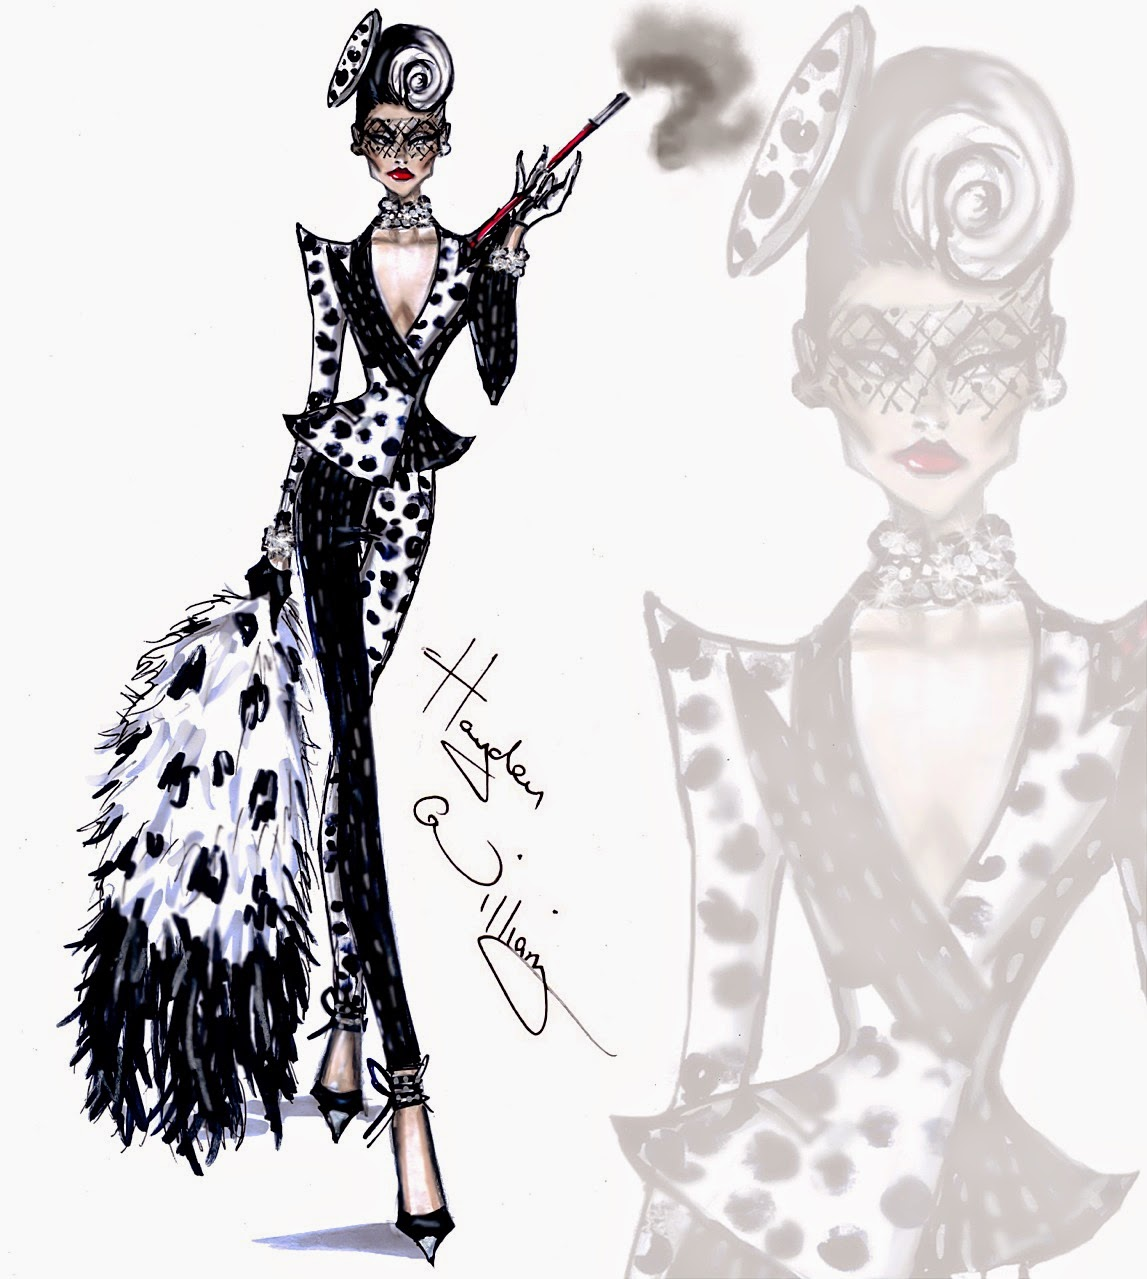 Cruella de vil fashion 82